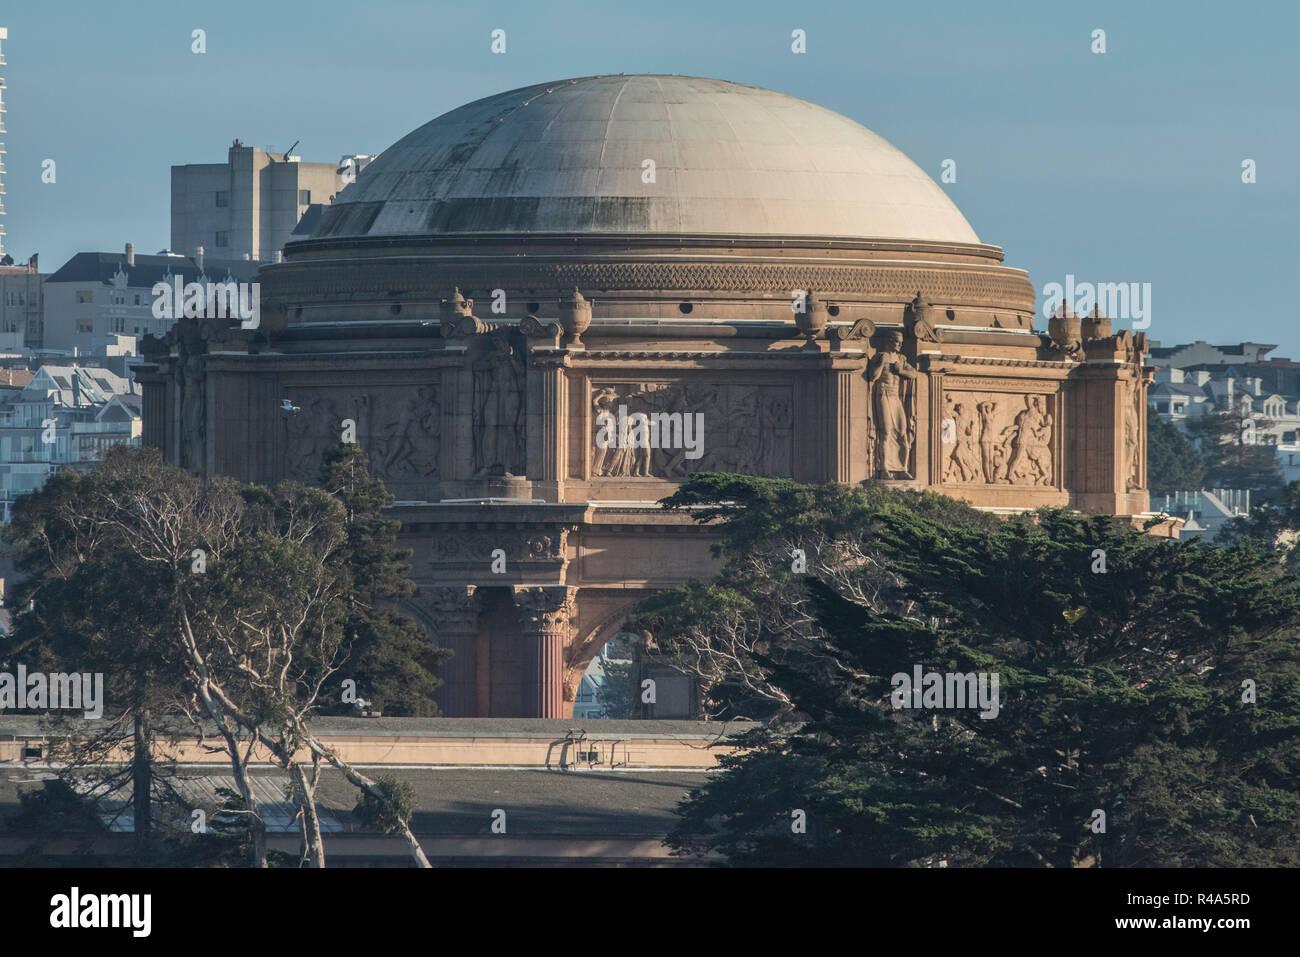 Le palace of fine arts Theatre à San Francisco vu depuis le détroit du Golden Gate à partir d'un bateau. Banque D'Images